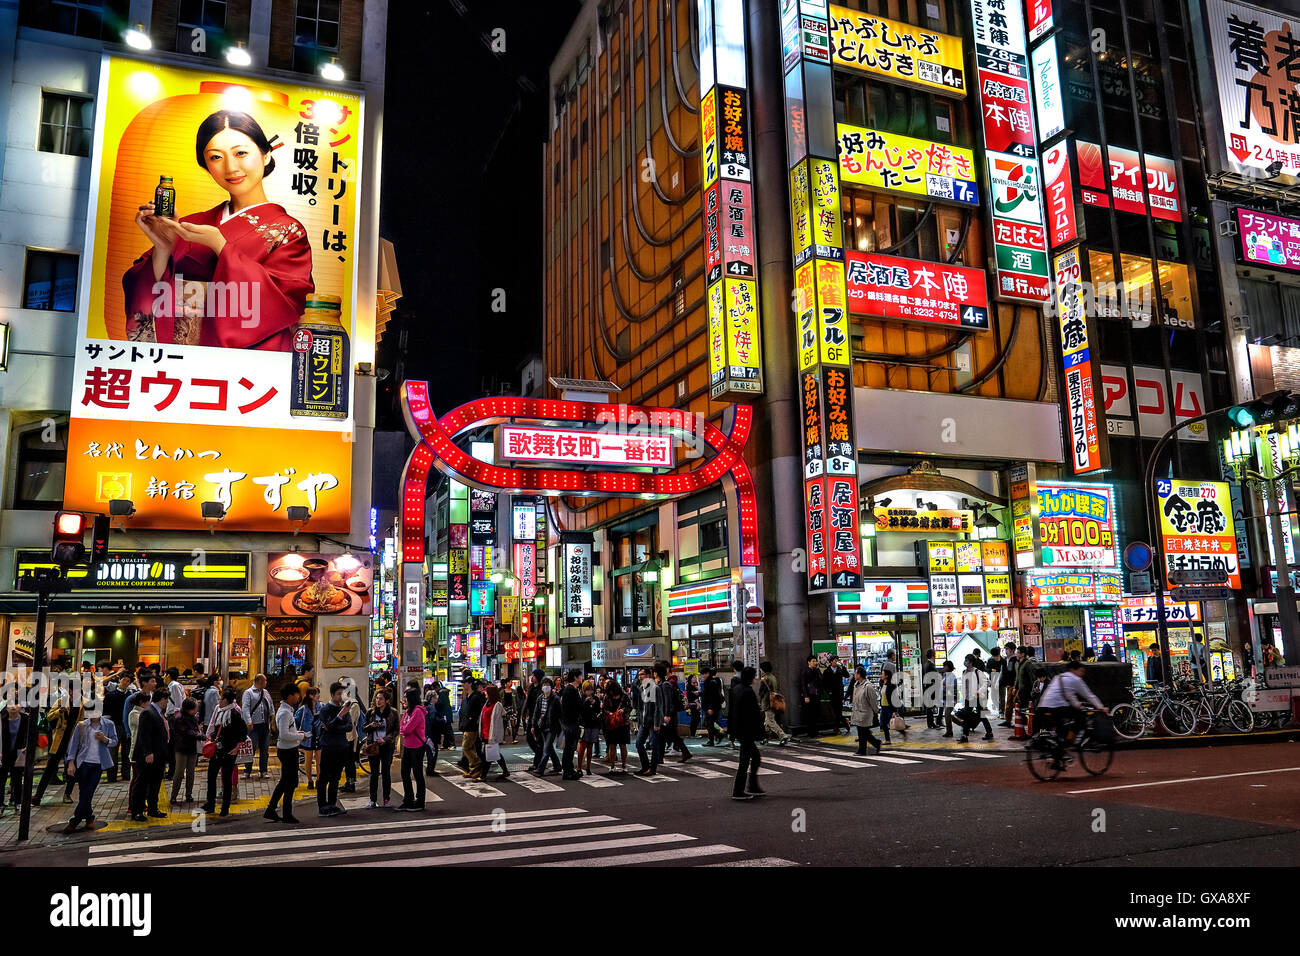 L'île de Honshu, Japon, Tokyo, Kanto, quartier de Kabukicho. Photo Stock